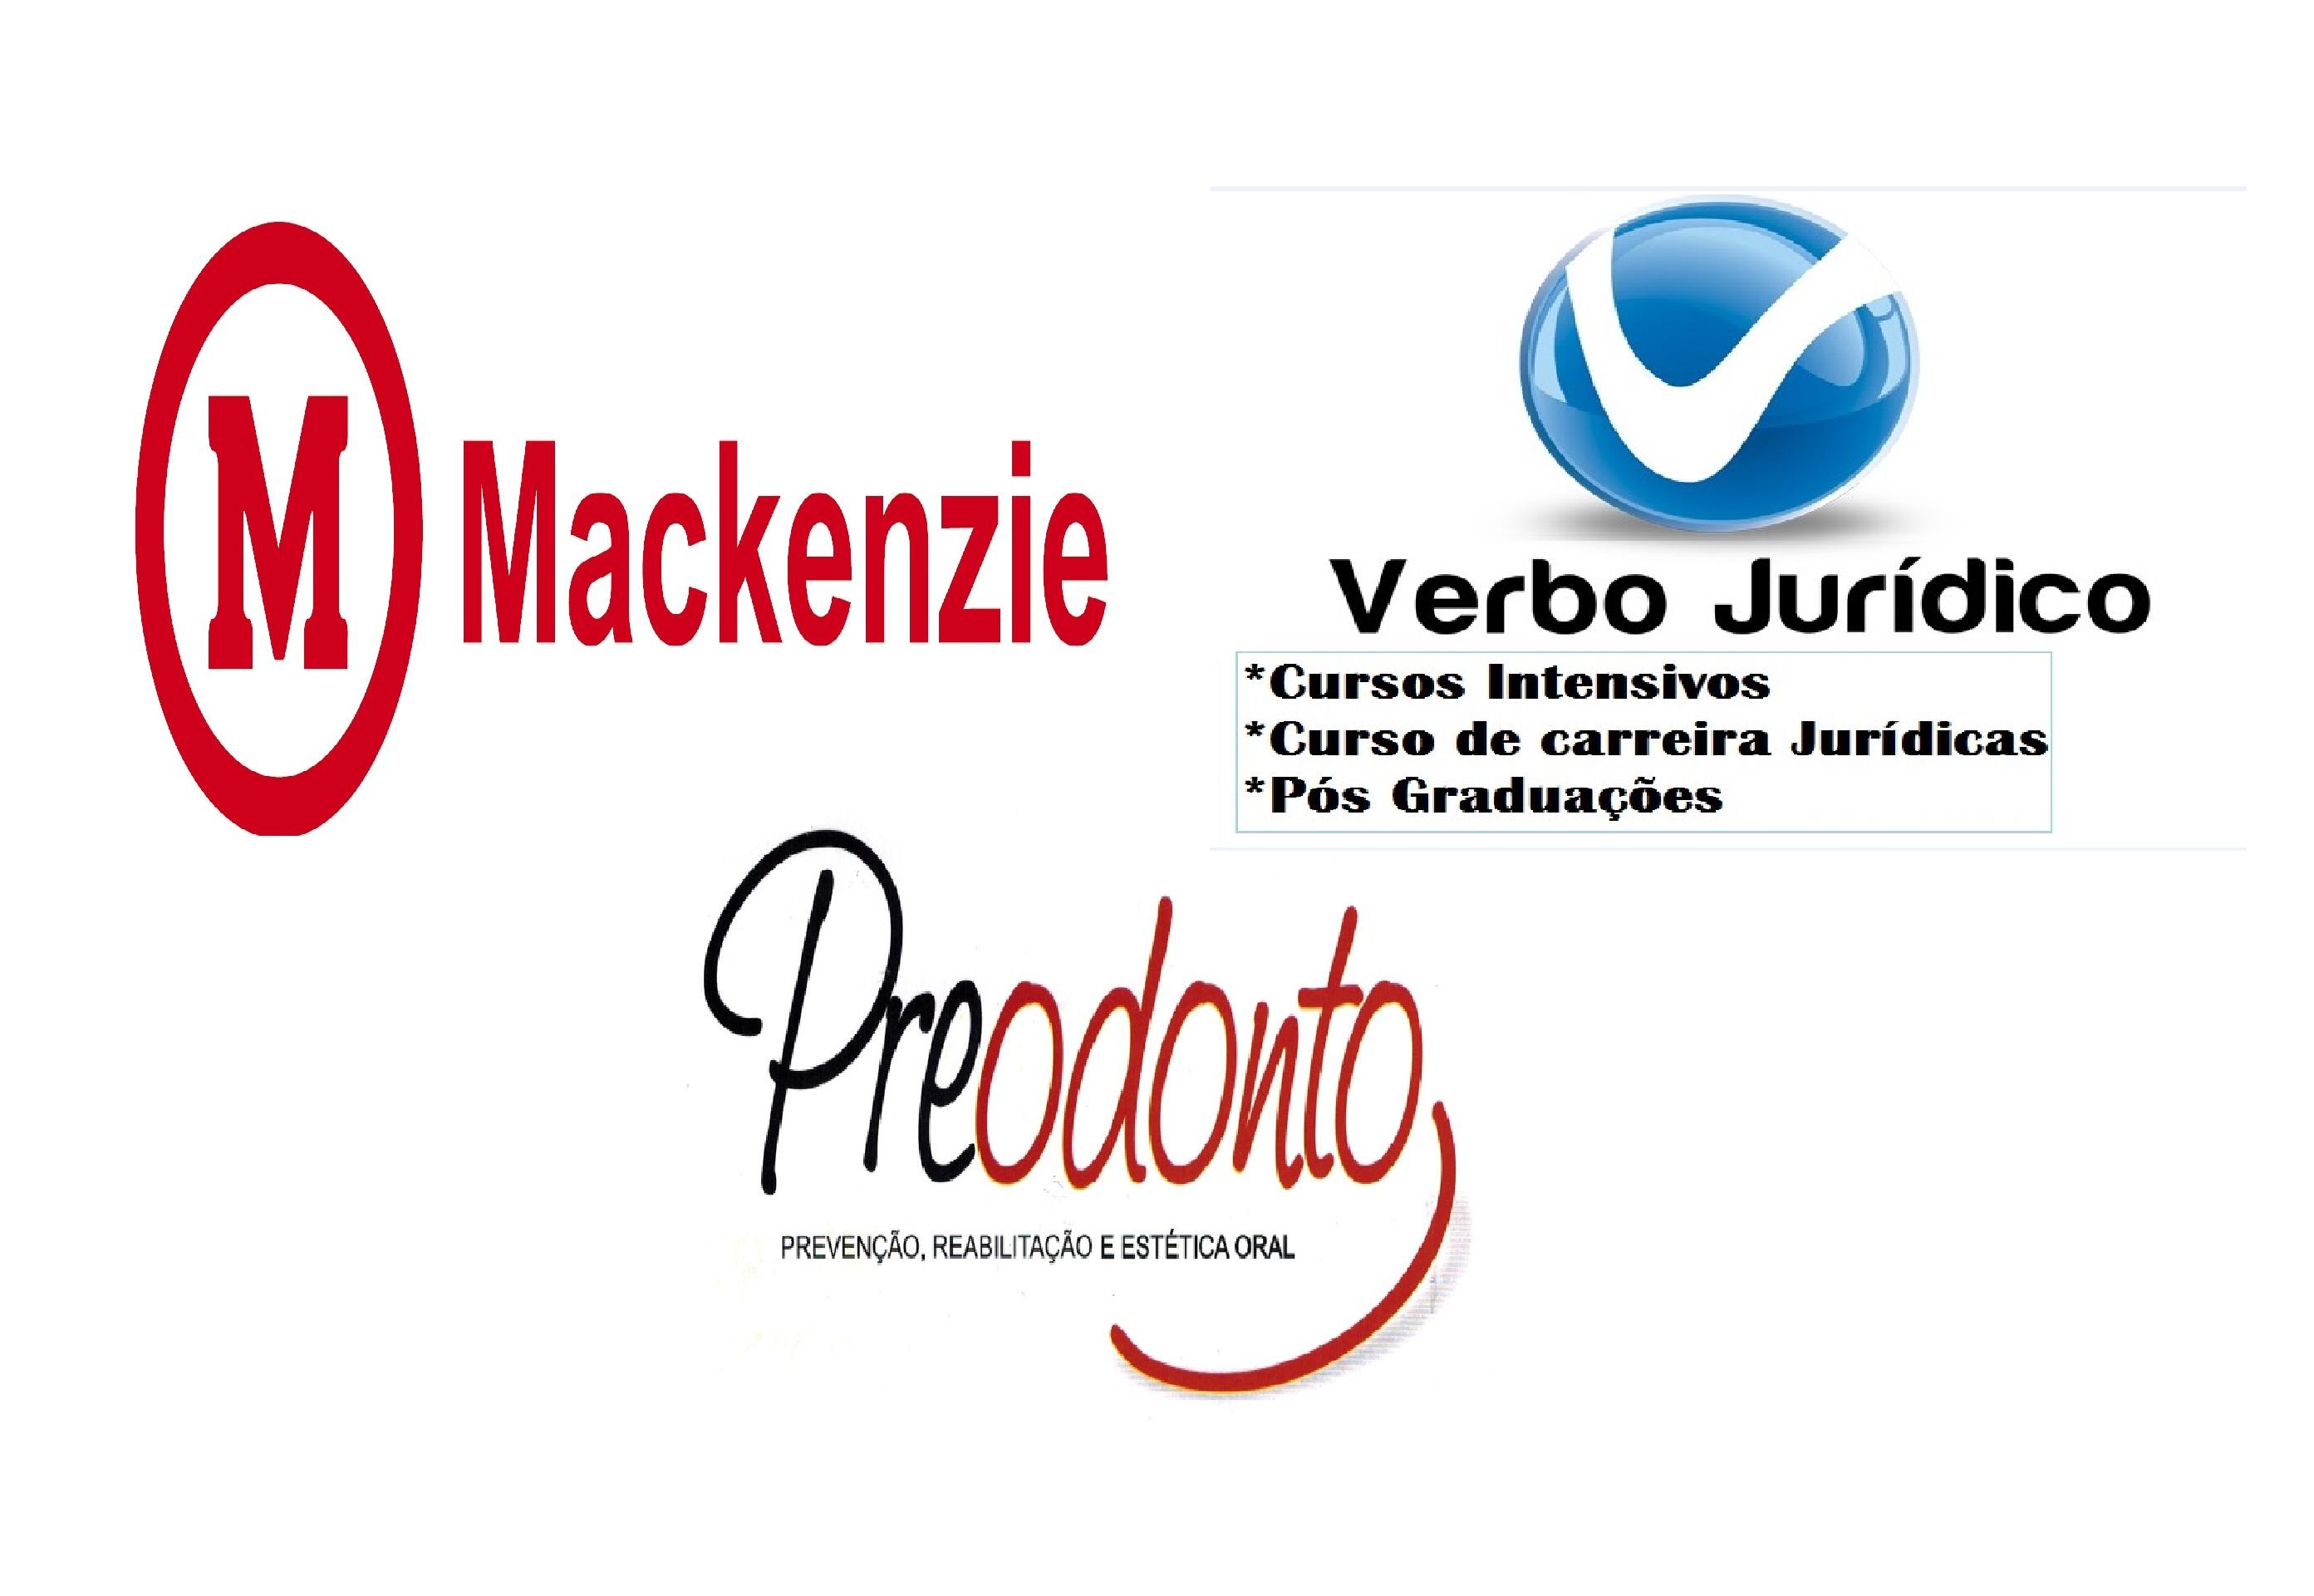 mackenzie, v.j e preodonto